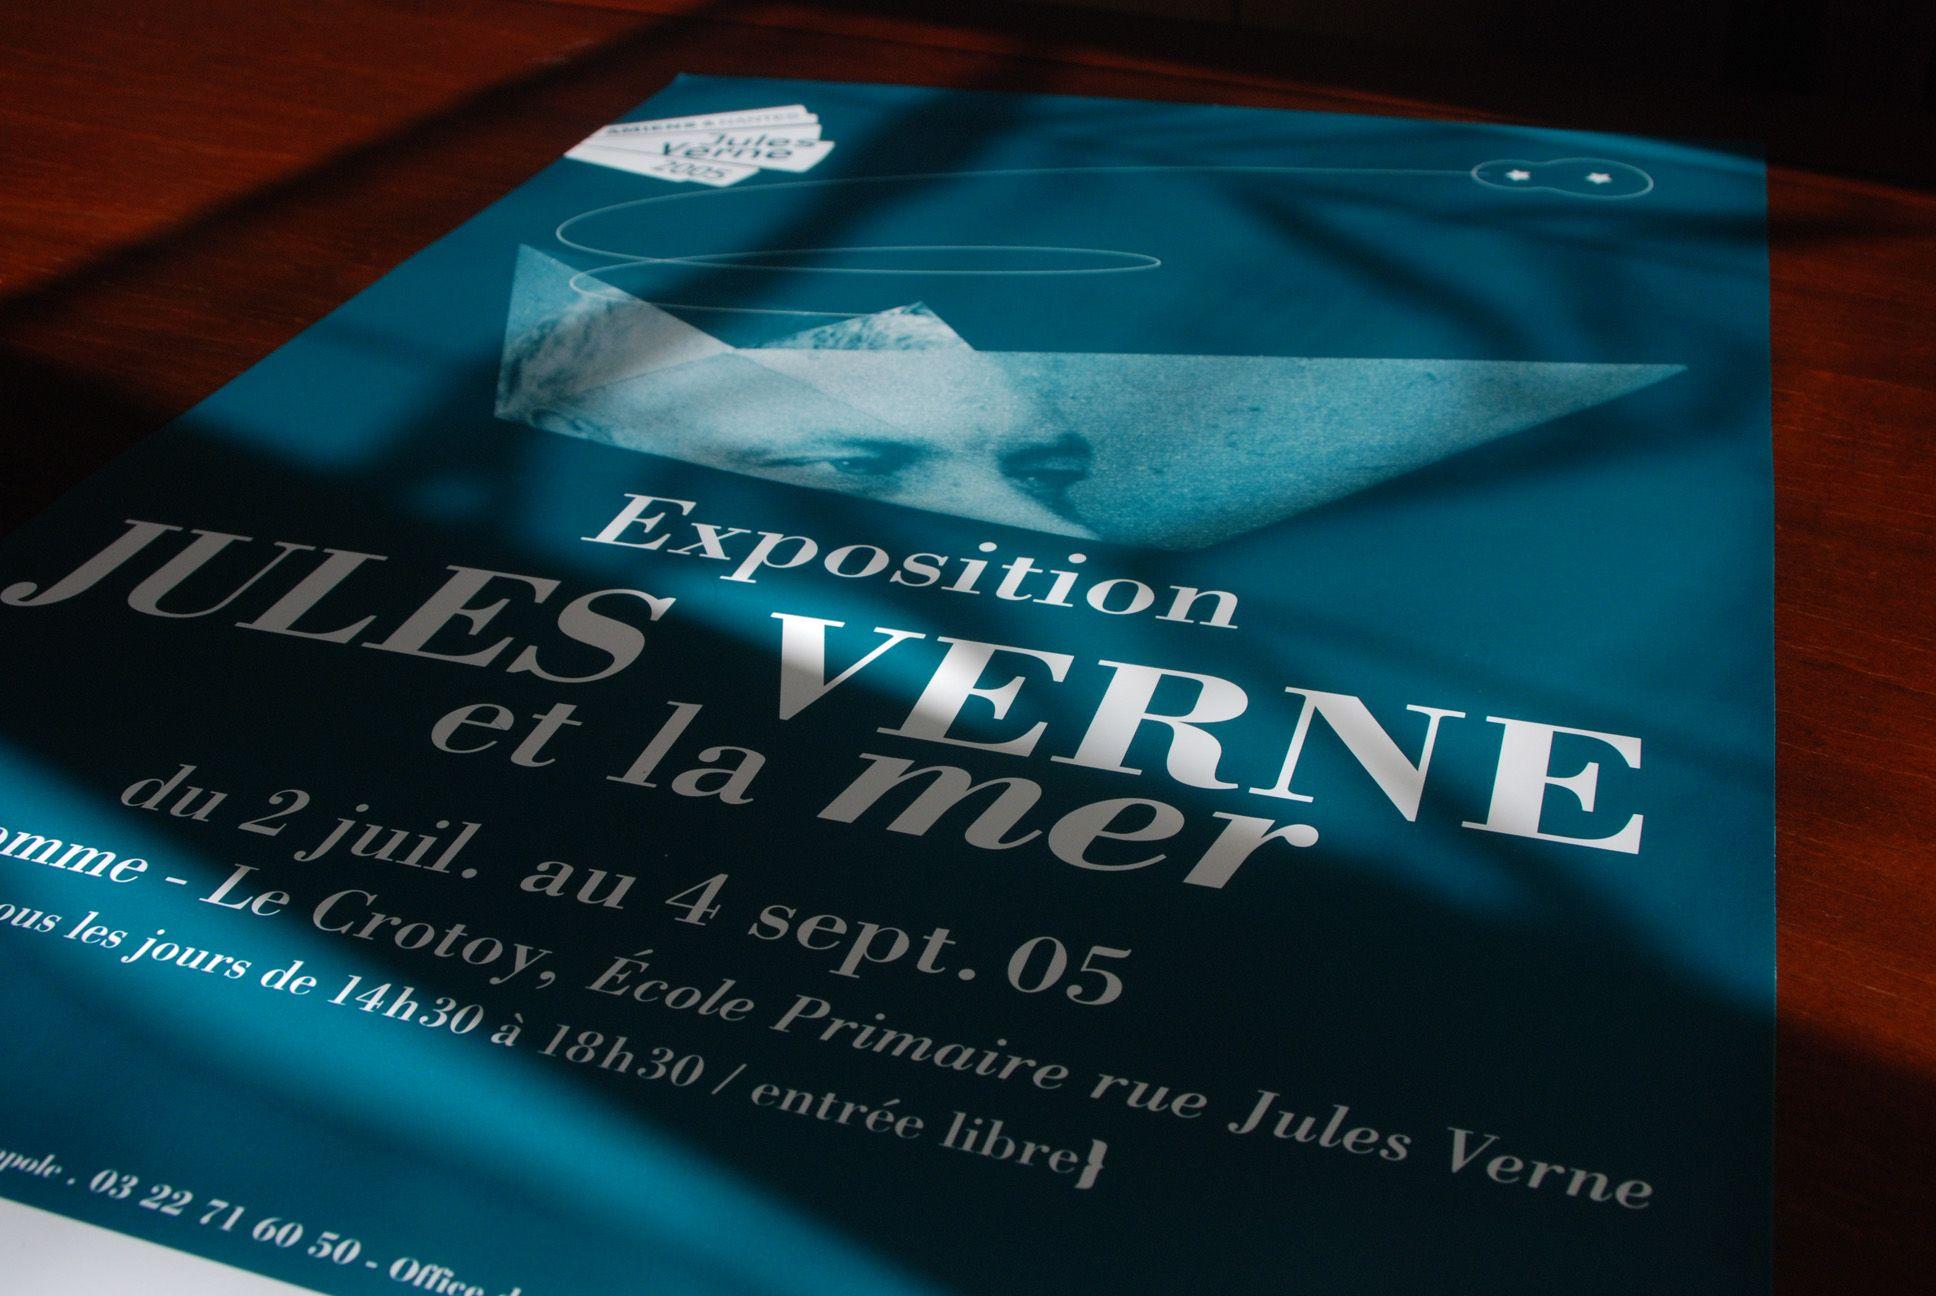 Bibliothèques d'Amiens Métropole et la ville du Crotoy | Conseil, accompagnement et conception graphique | « Jules Verne et la mer » (affiche, carton d'invitation, flyer, panneaux d'exposition)